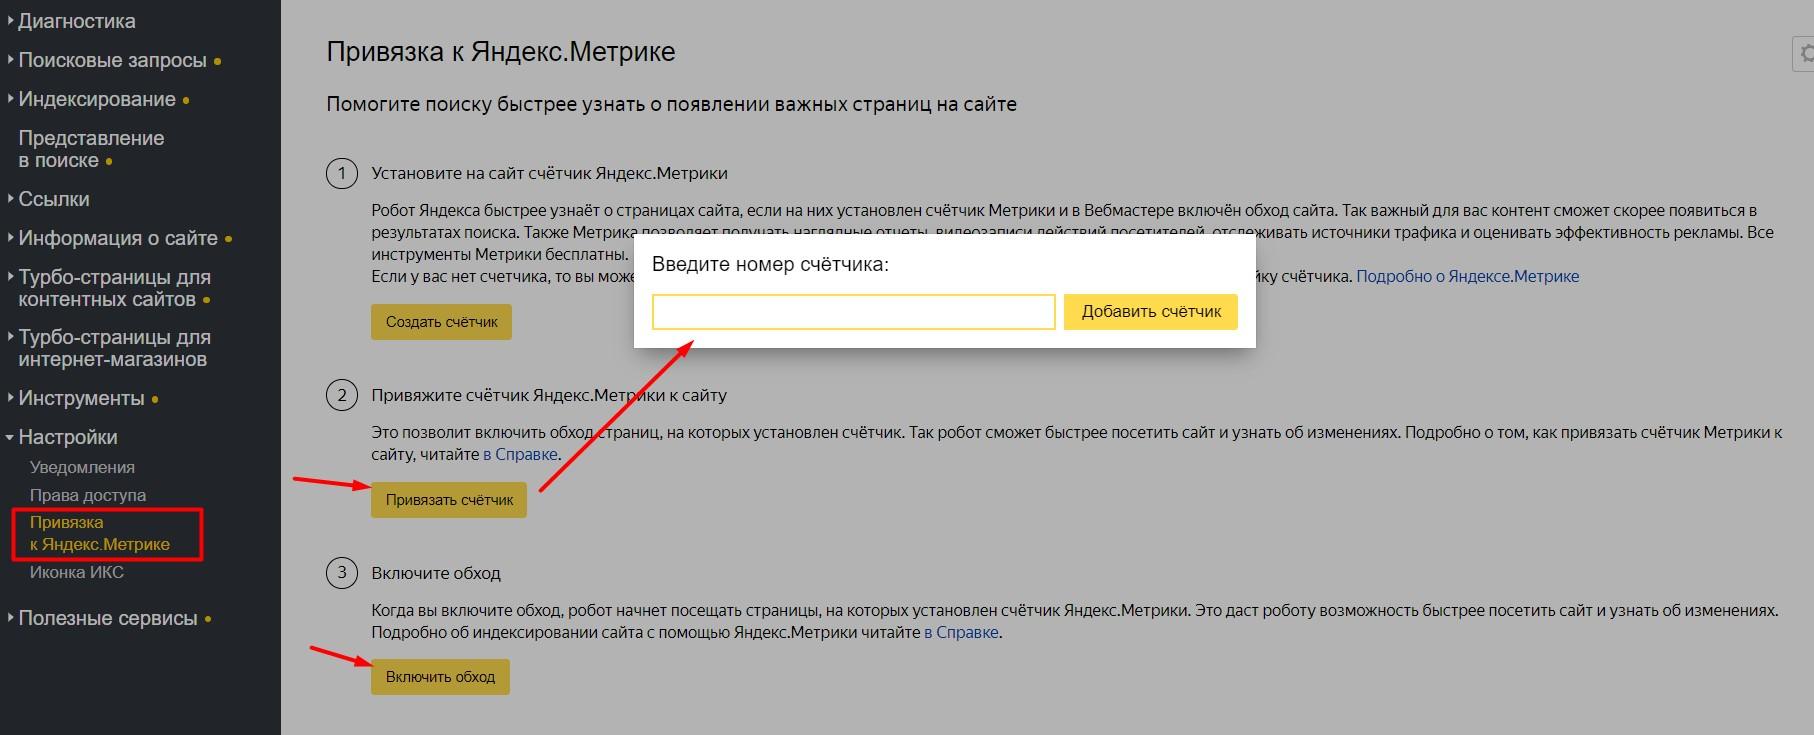 Привязка счетчика Яндекс.Метрика к Яндекс.Вебмастер